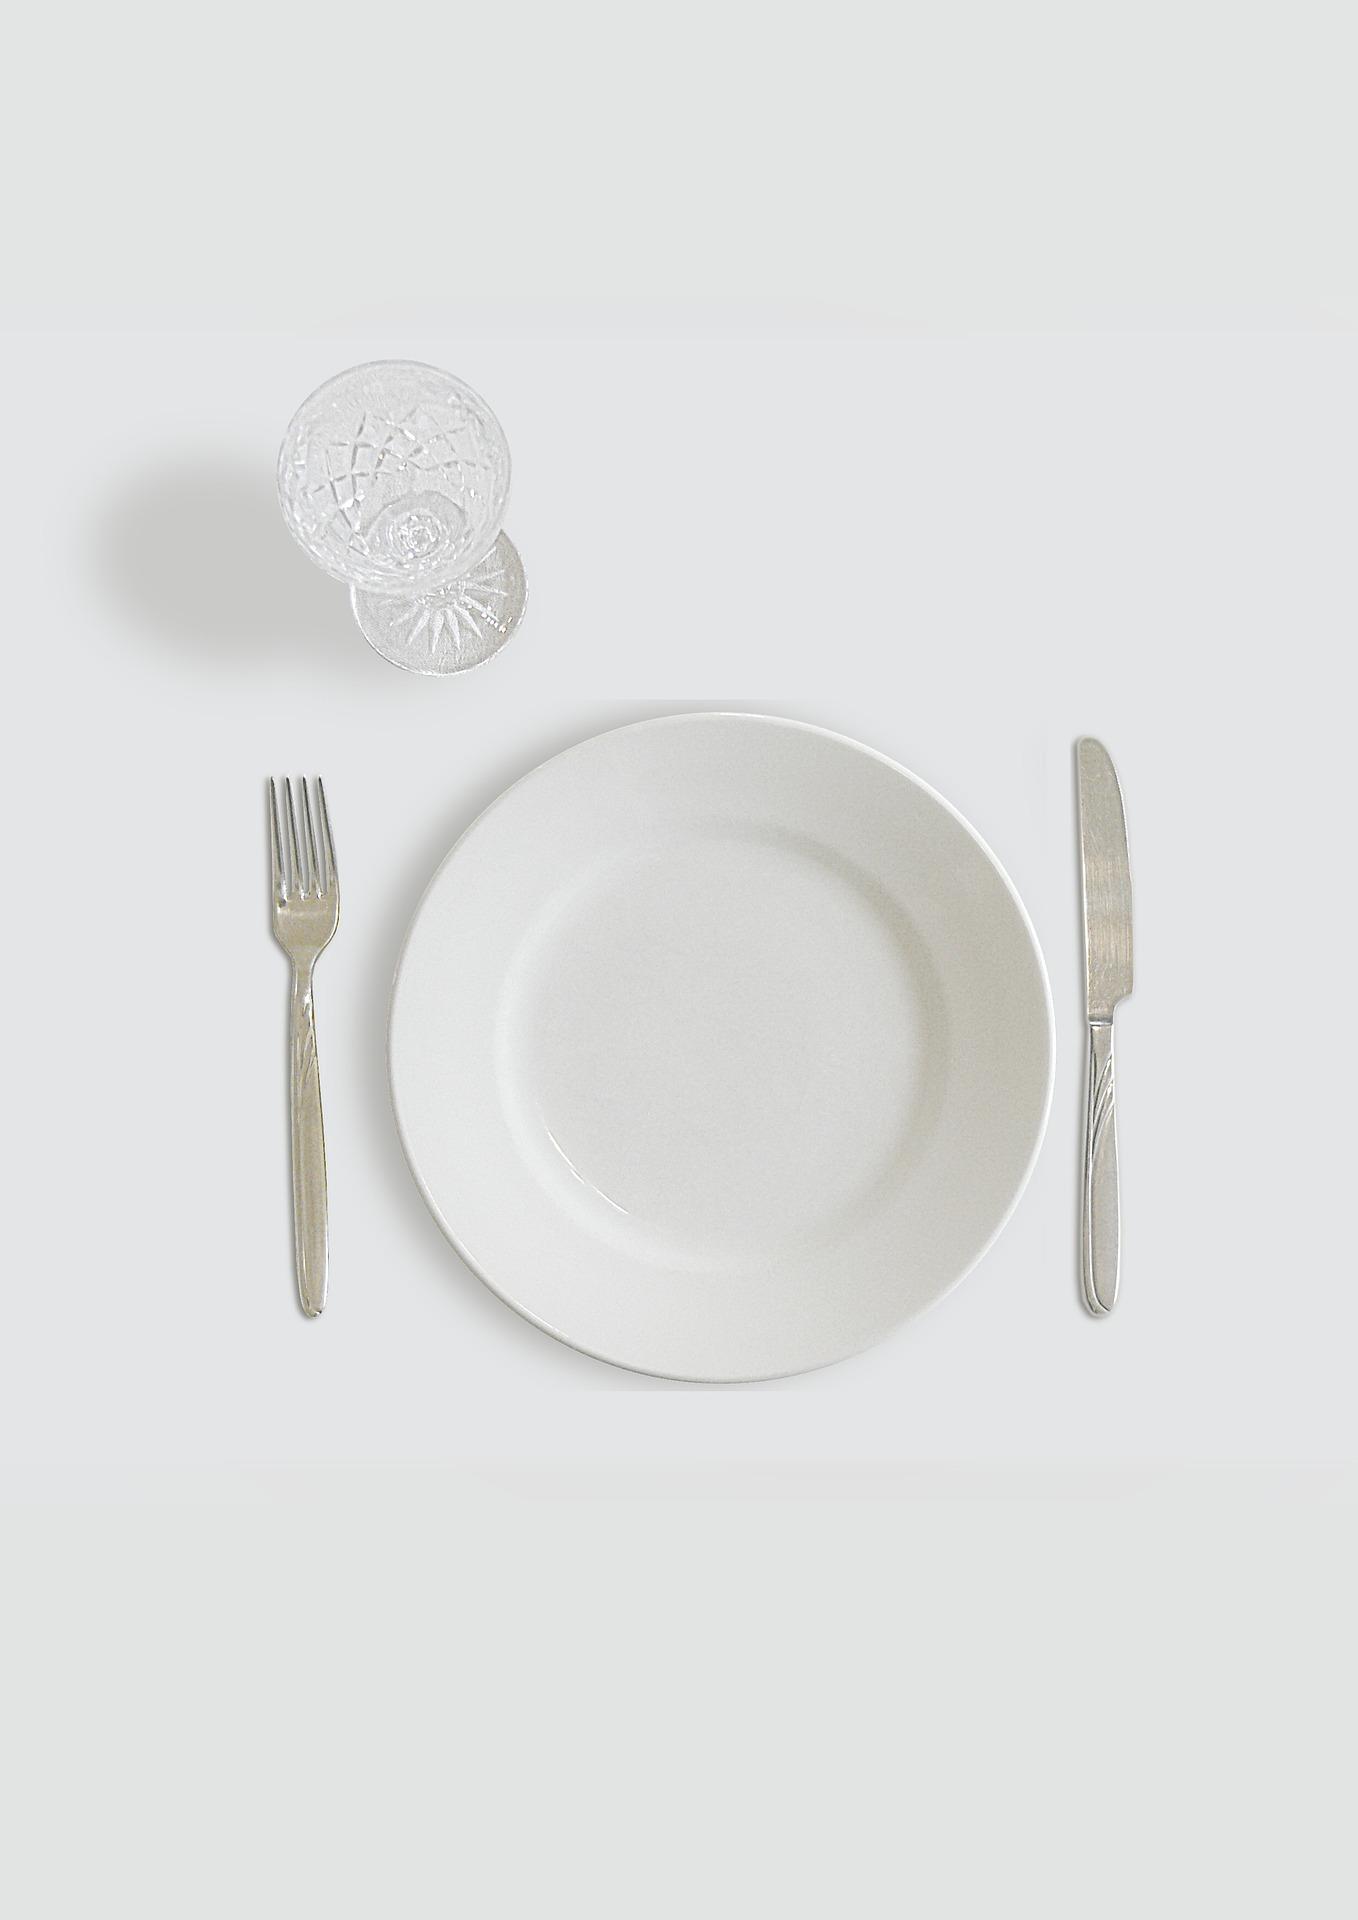 ACWM Fasting